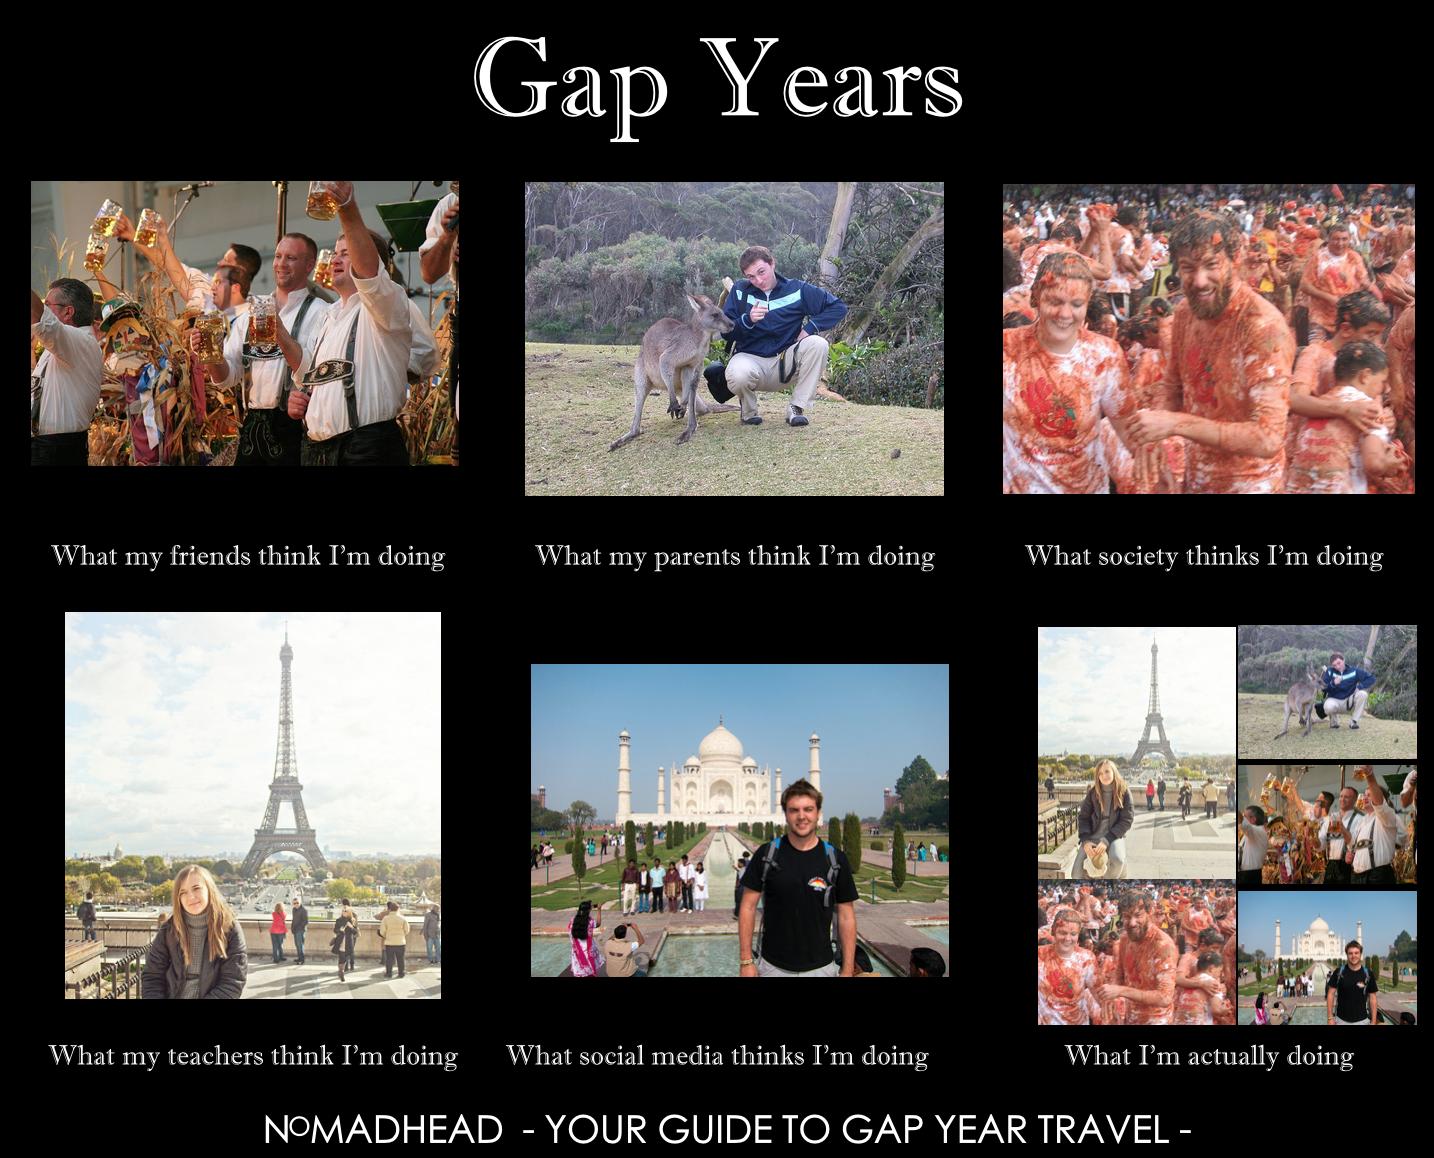 d2ec19c97d47202edcd625b54c3382c8 yiew! where will you go on your gap year? travel memes